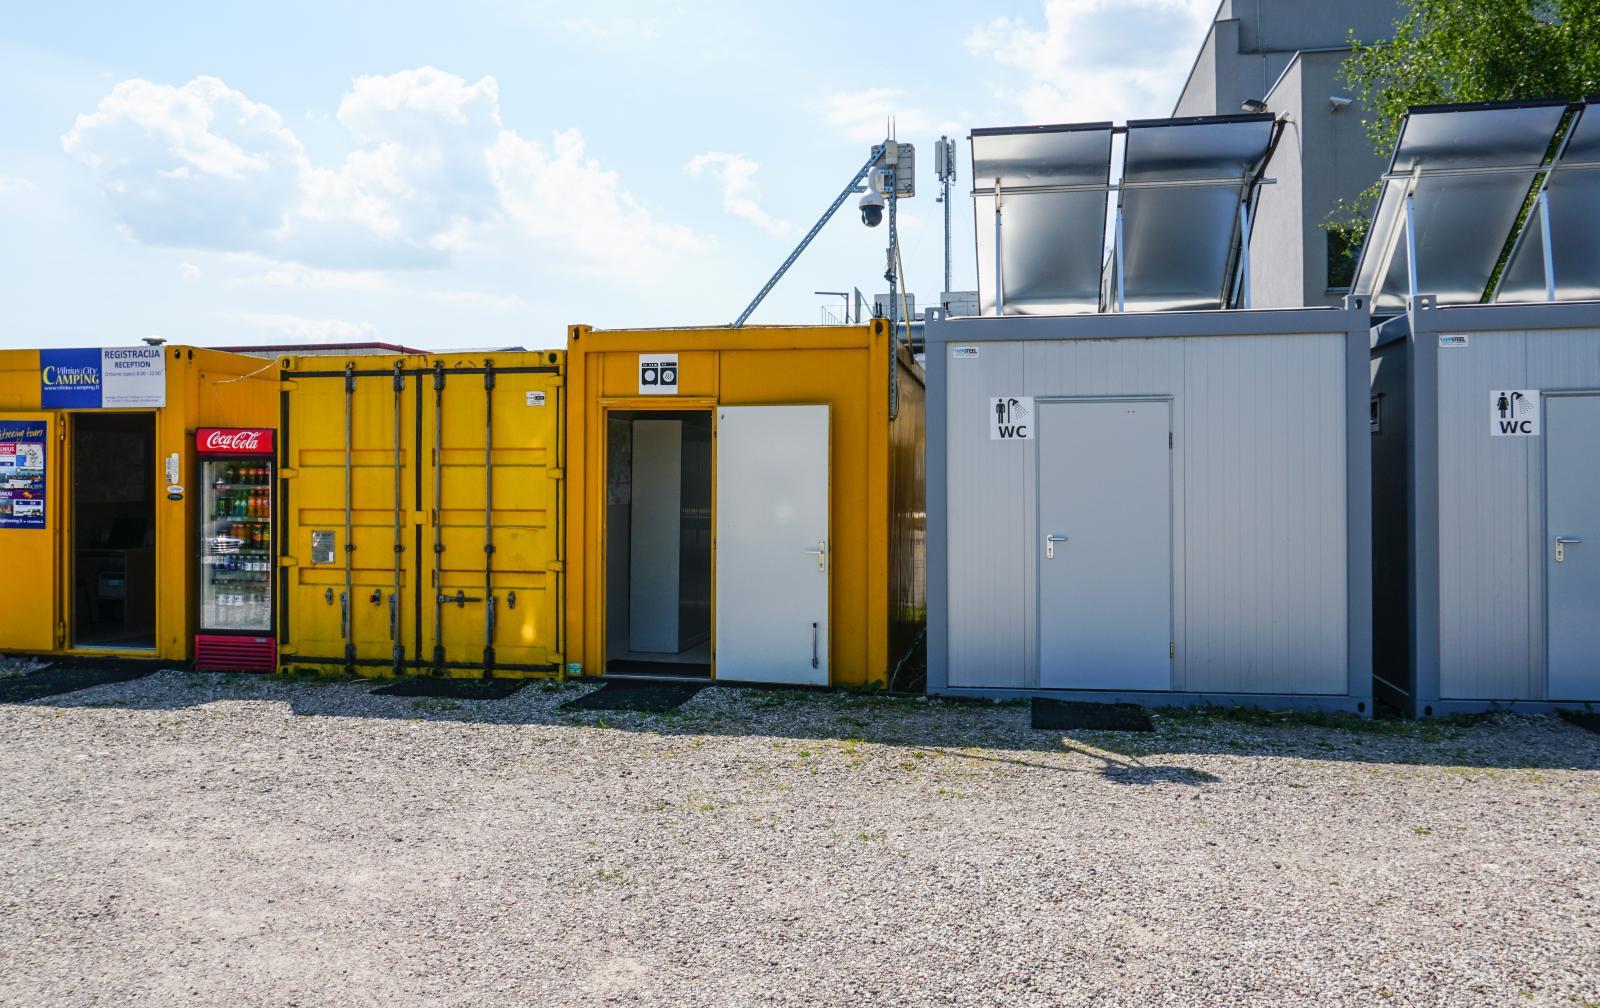 Servicehusen består av ombyggda containers. De är enkla att försegla vintertid när campingen har stängt.